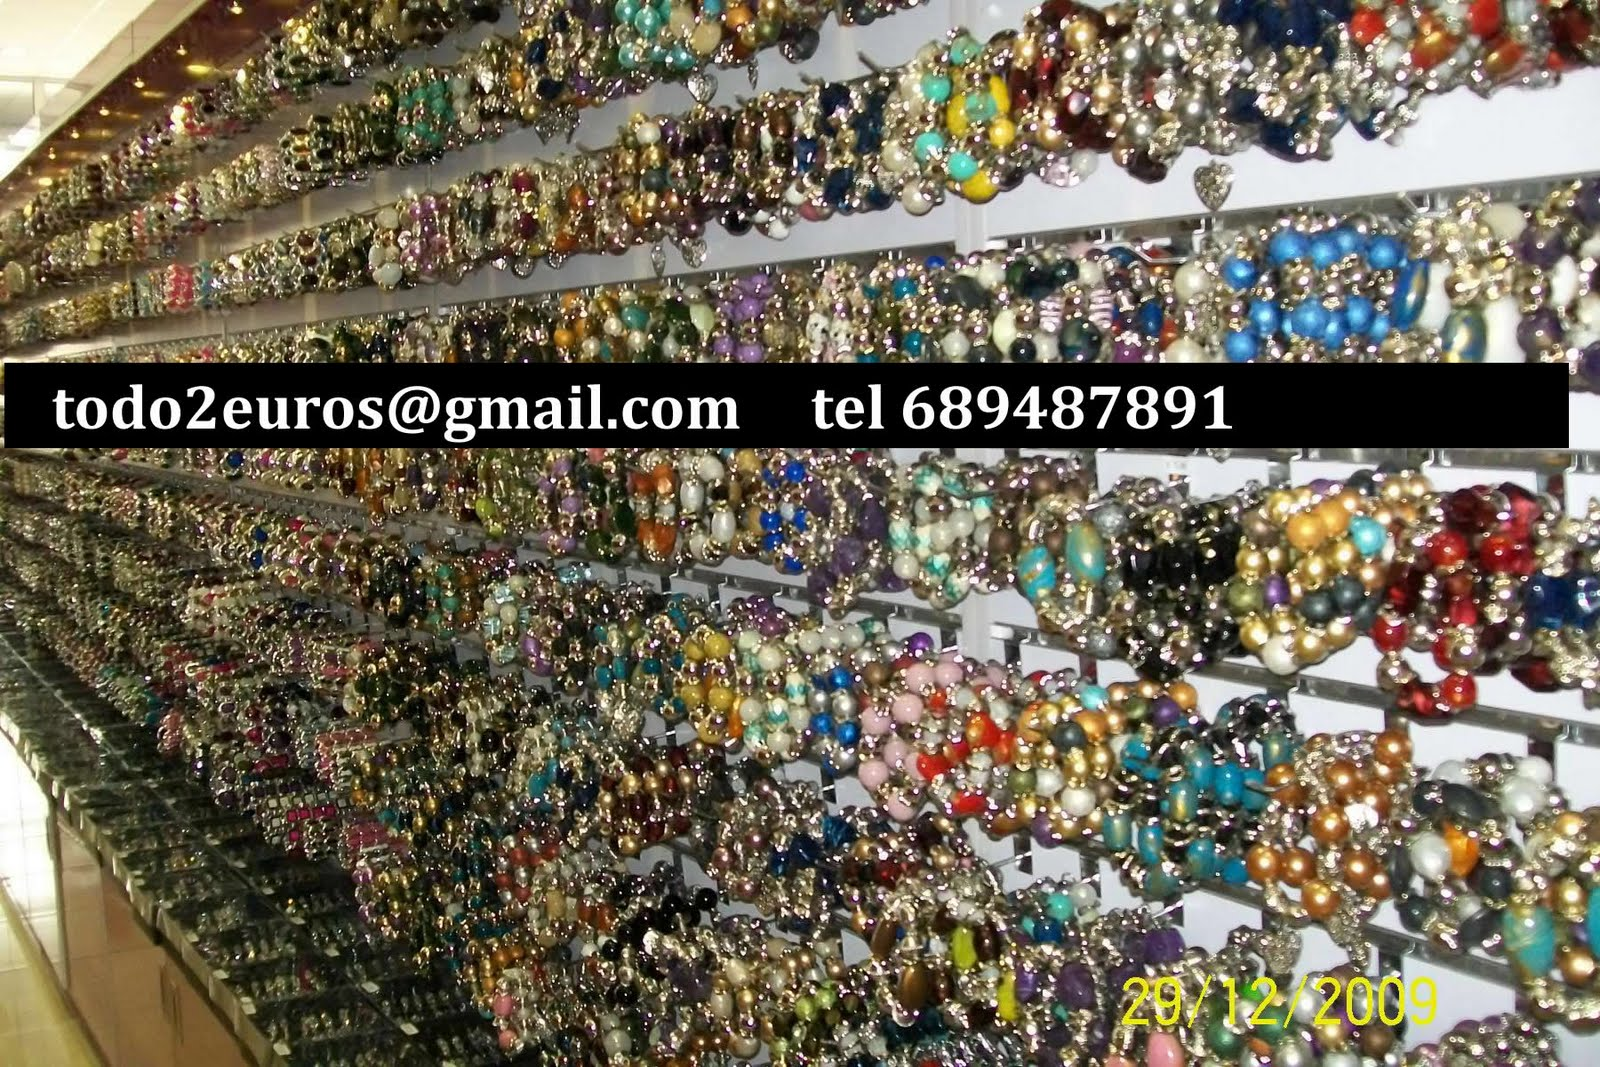 d100a885884f Aquí encontrará una amplia variedad de pulseras y complementos de moda  bisuteria y complementos- abalorios y complementos de moda todo a 2 euros  con un alto ...